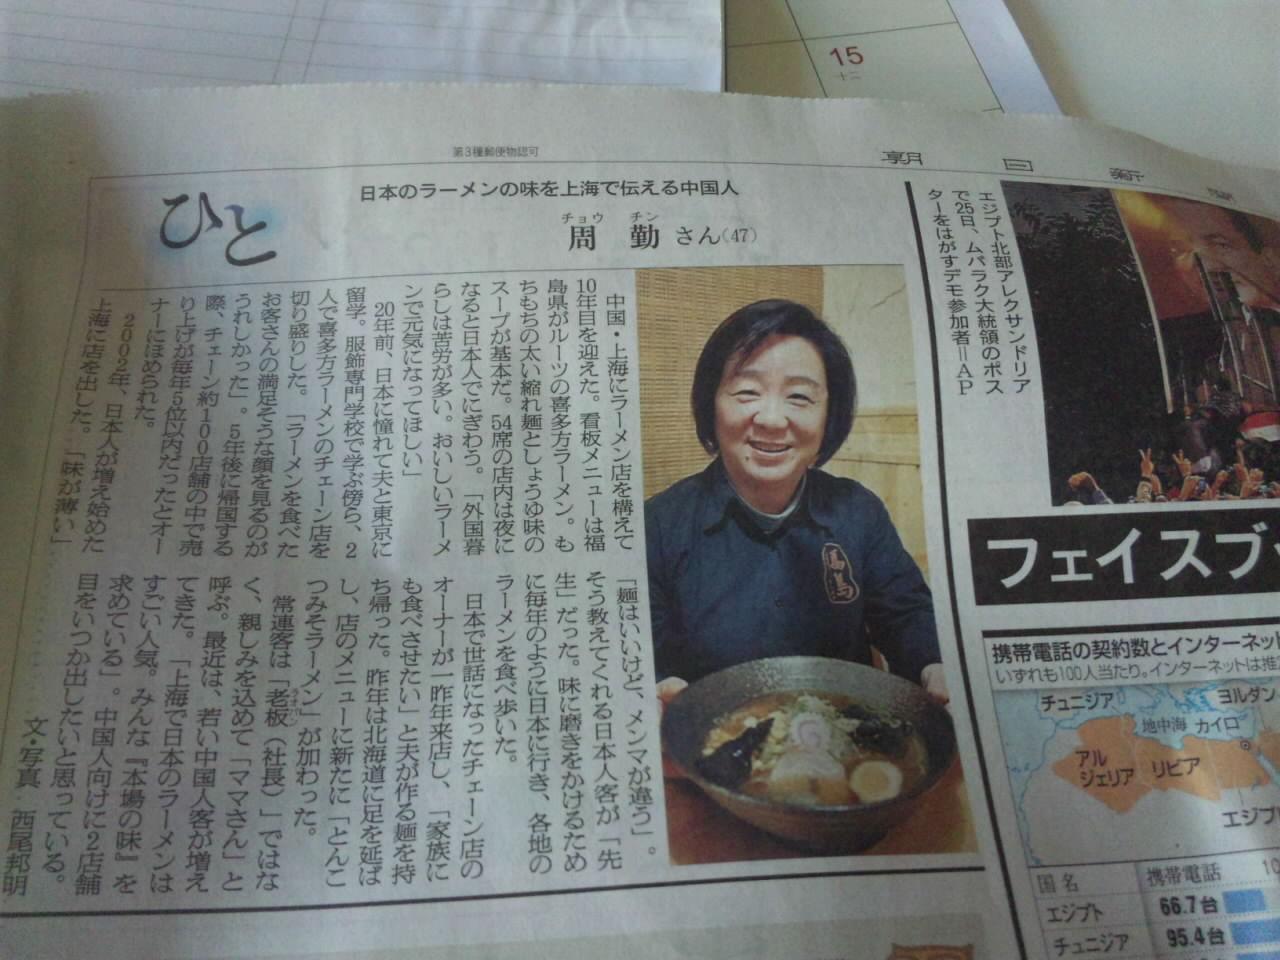 日本留学経験者周勤さん 朝日新聞に登場_d0027795_8545259.jpg